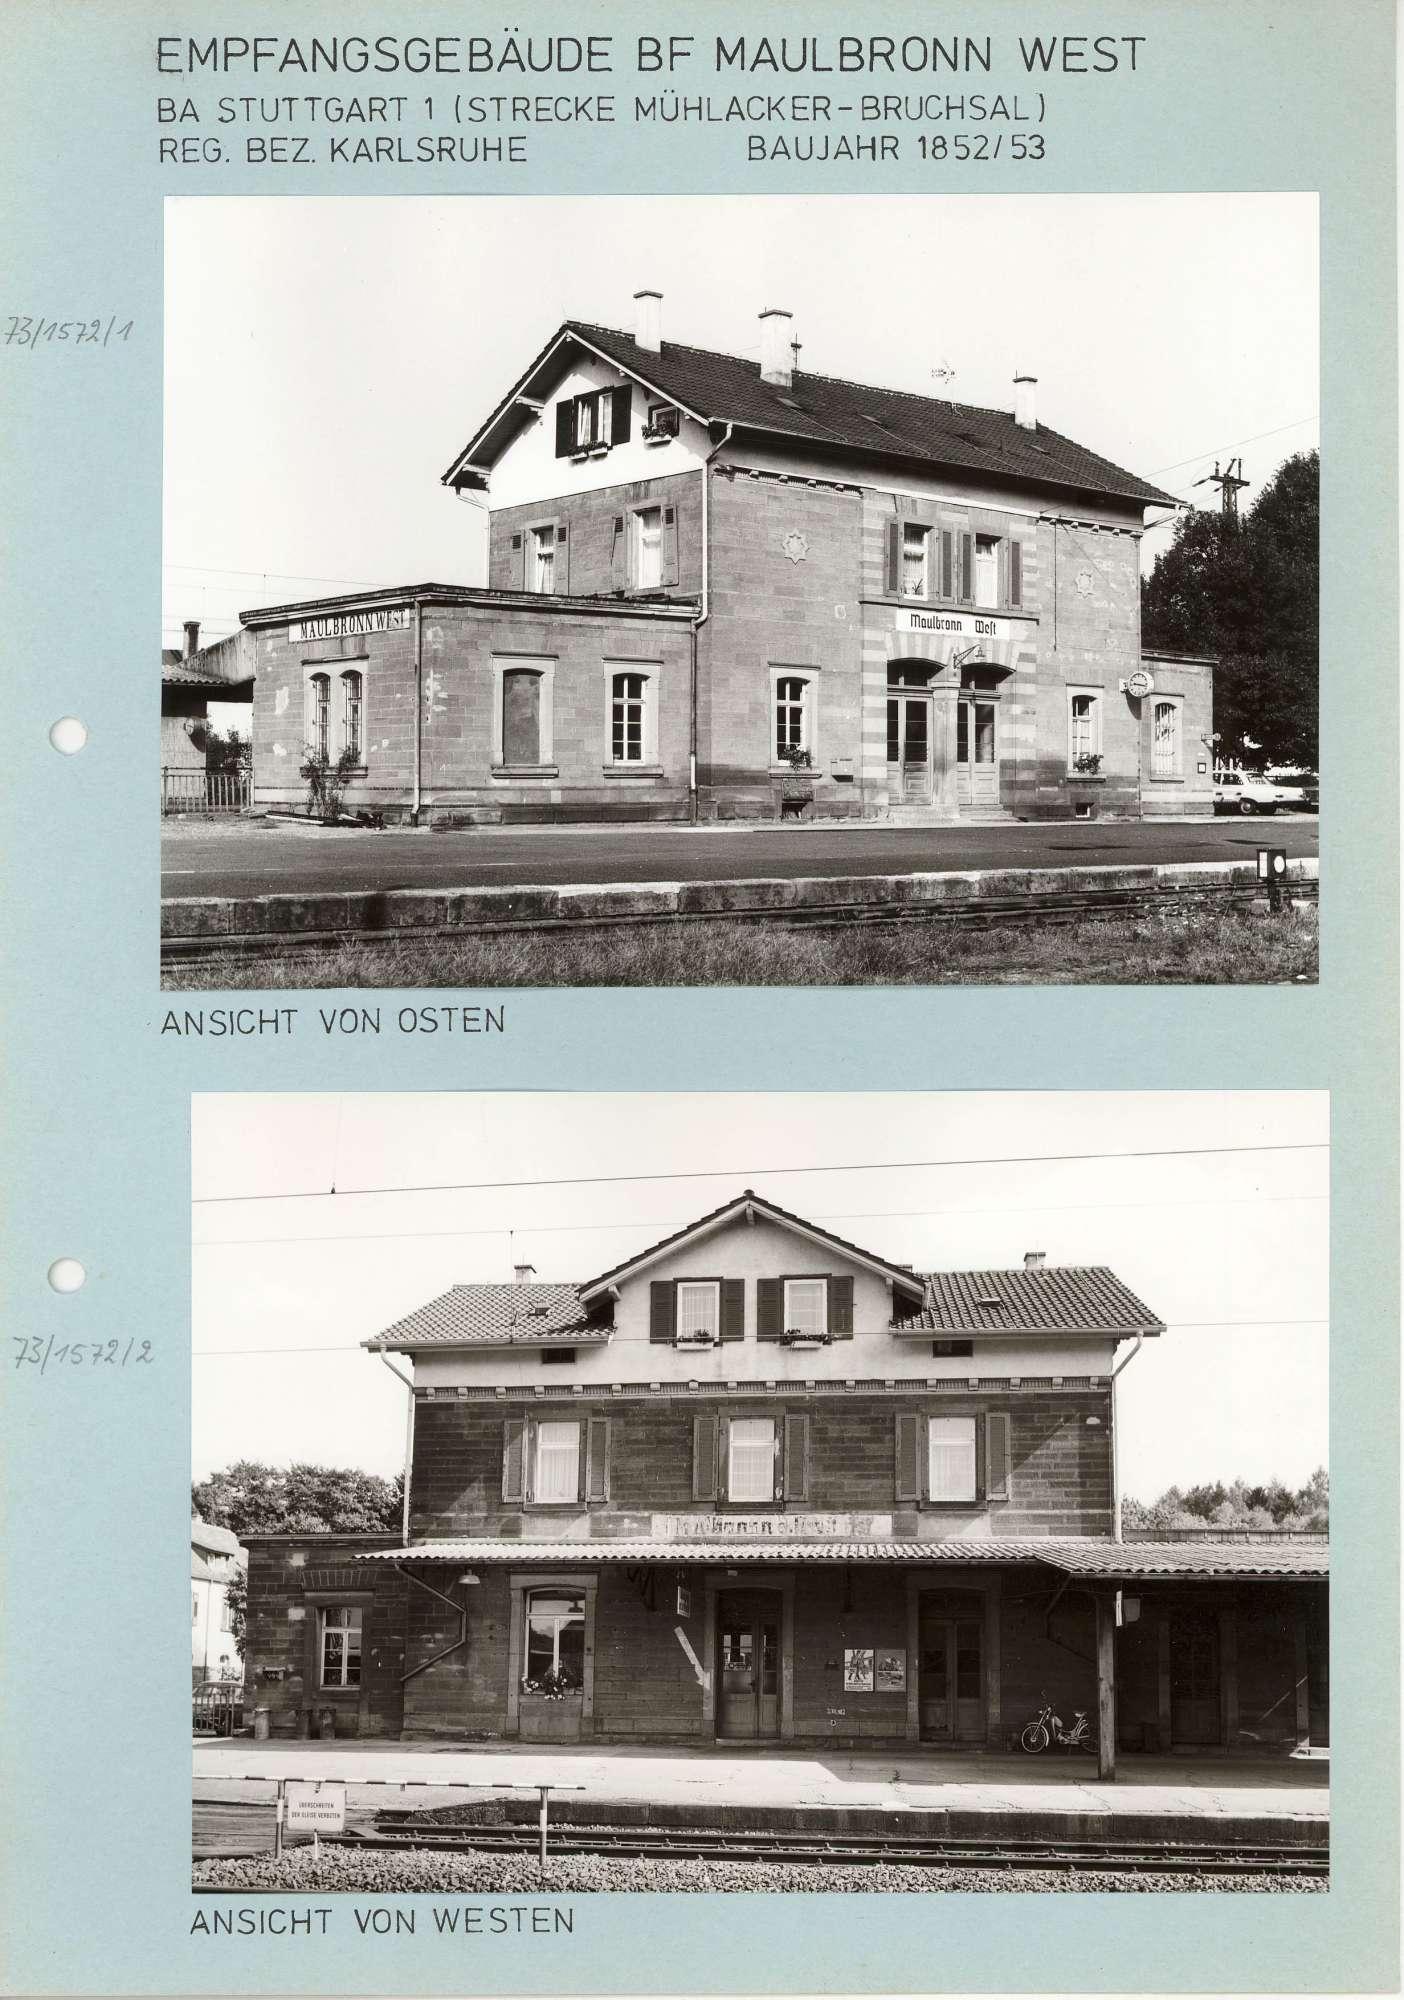 Maulbronn West: 4 Fotos, Bild 1